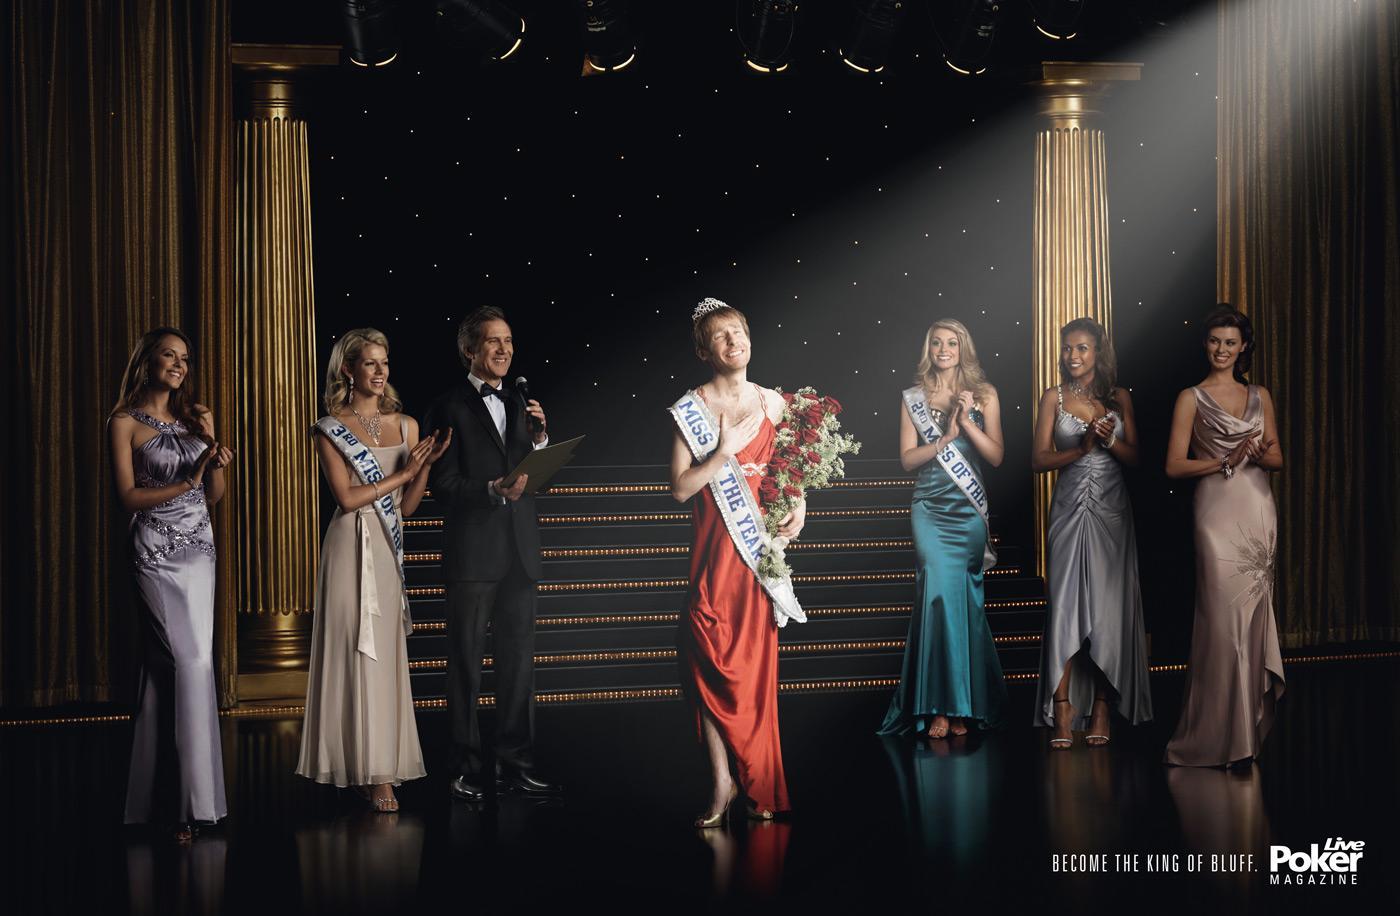 Les publicités les plus belles et les créatives sur les Miss France 55